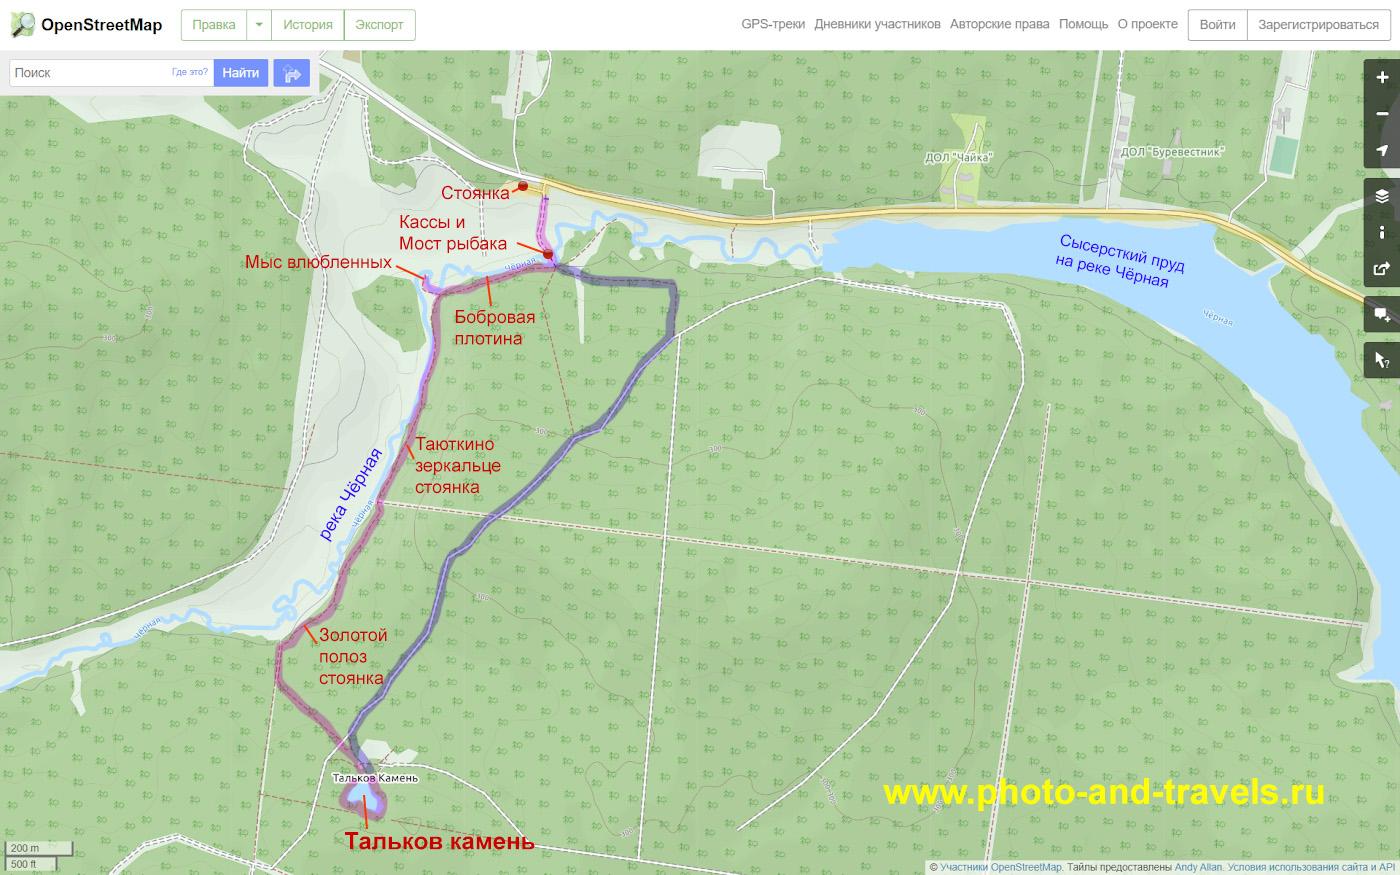 Карта основного маршрута к озеру Тальков камень в природном парке «Бажовские места». Официальное название: «Легенды талькового кольца».